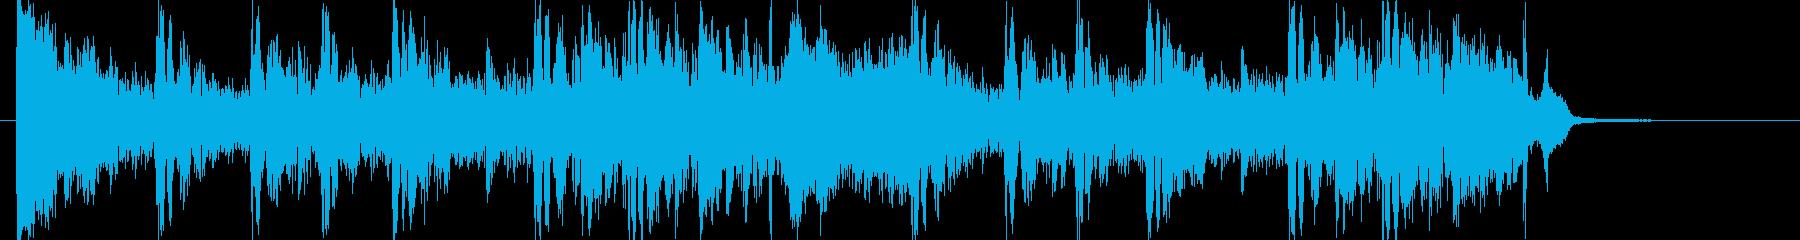 ジングル - キメろ!ドリルミュージックの再生済みの波形